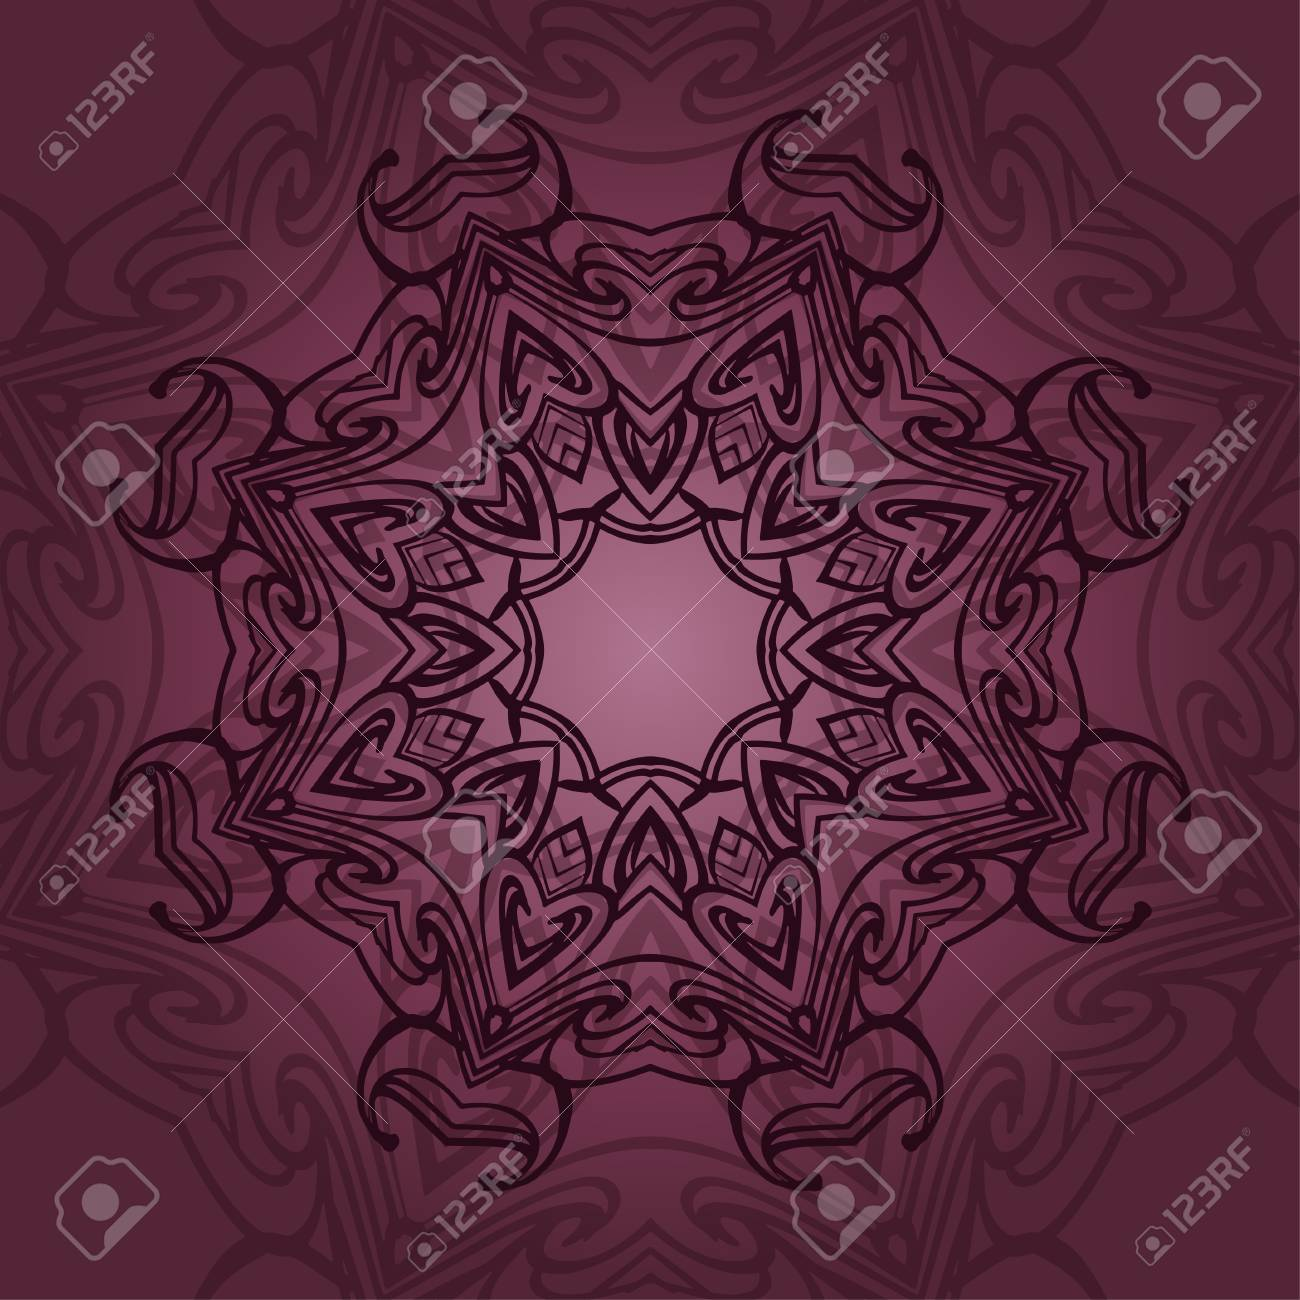 Mandala-Karte In Burgunder Farben Für Hintergrund, Einladungen ...